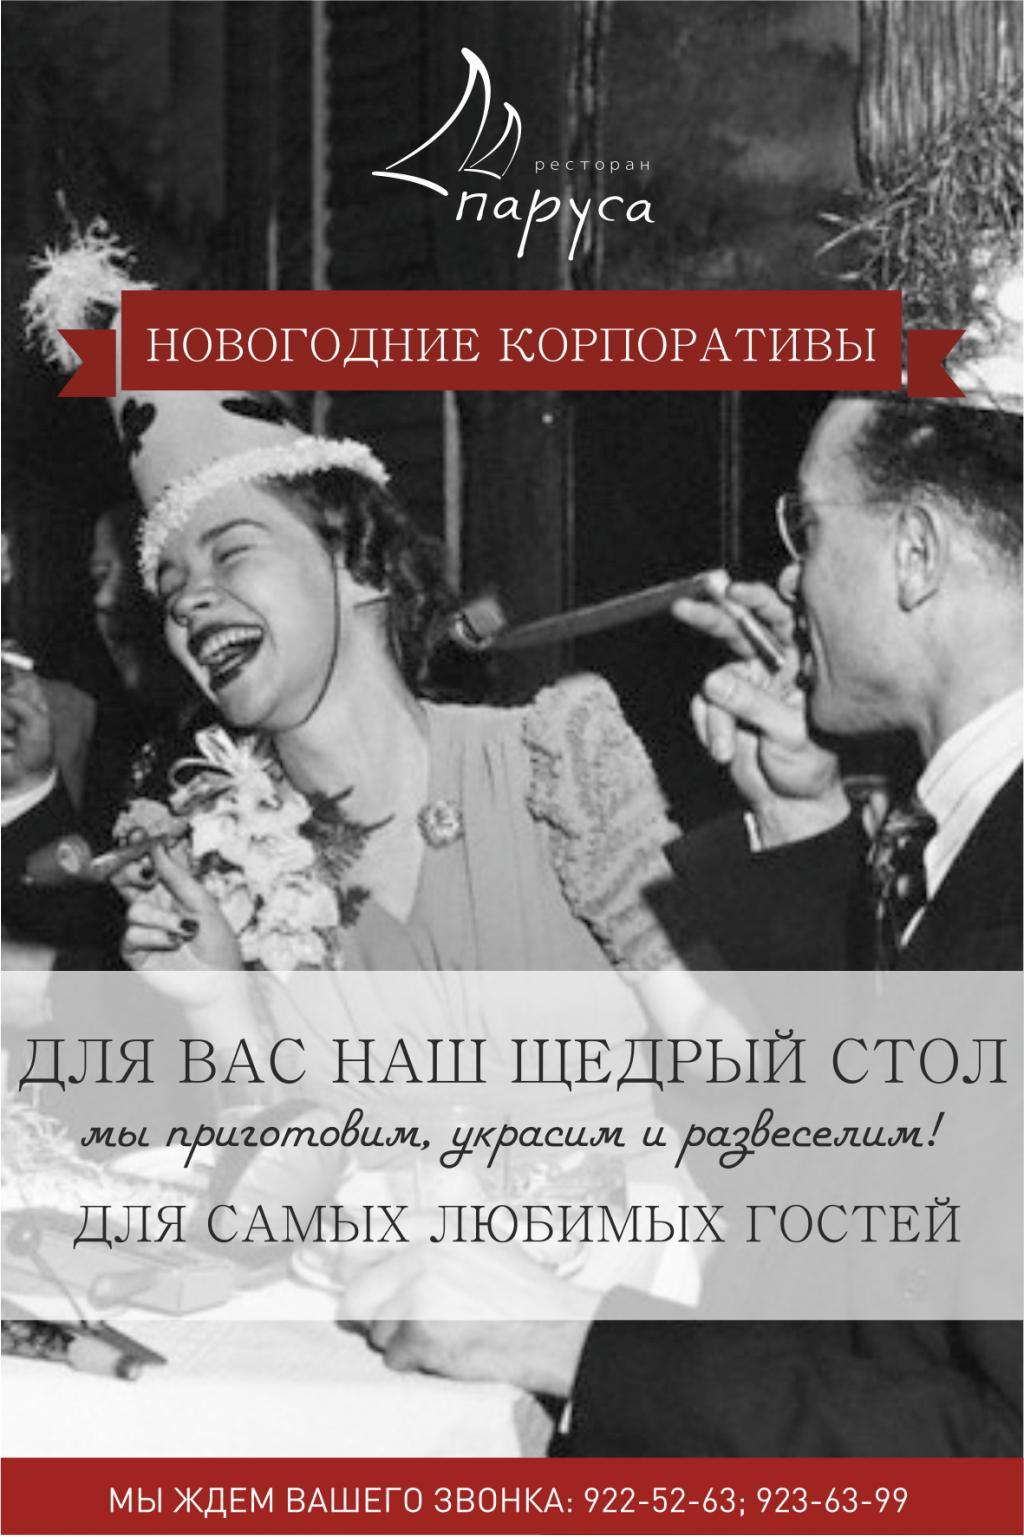 23.12.013 и 25.12.2013 - Сборные корпоративы!